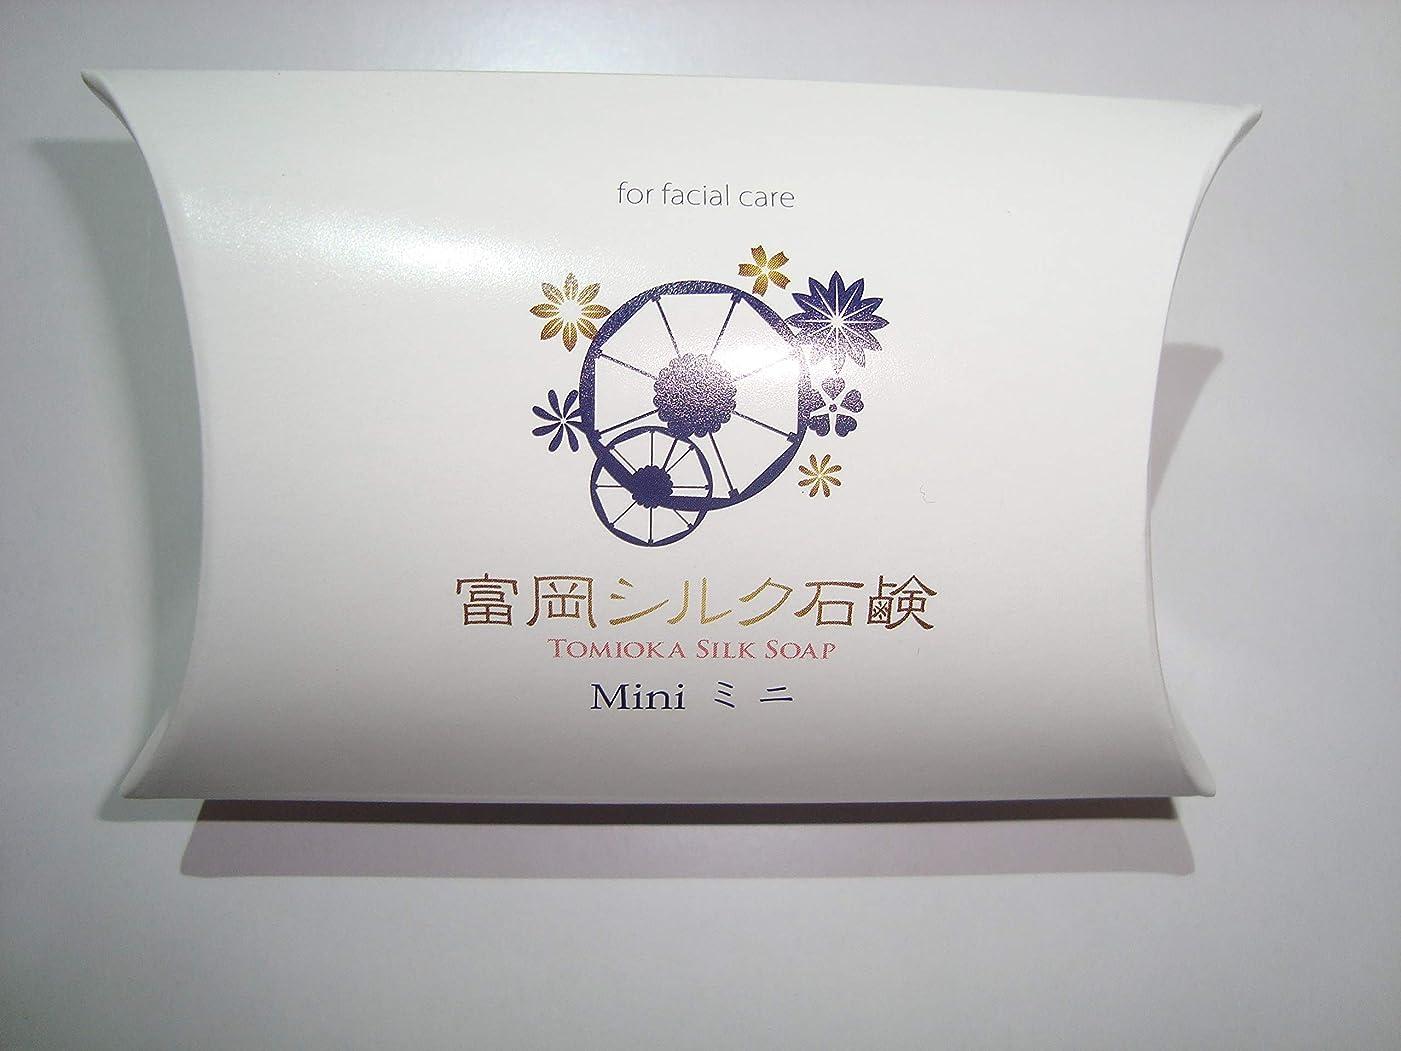 おもちゃマトロン役に立たない絹工房 富岡シルク石鹸 ミニサイズ(12g)